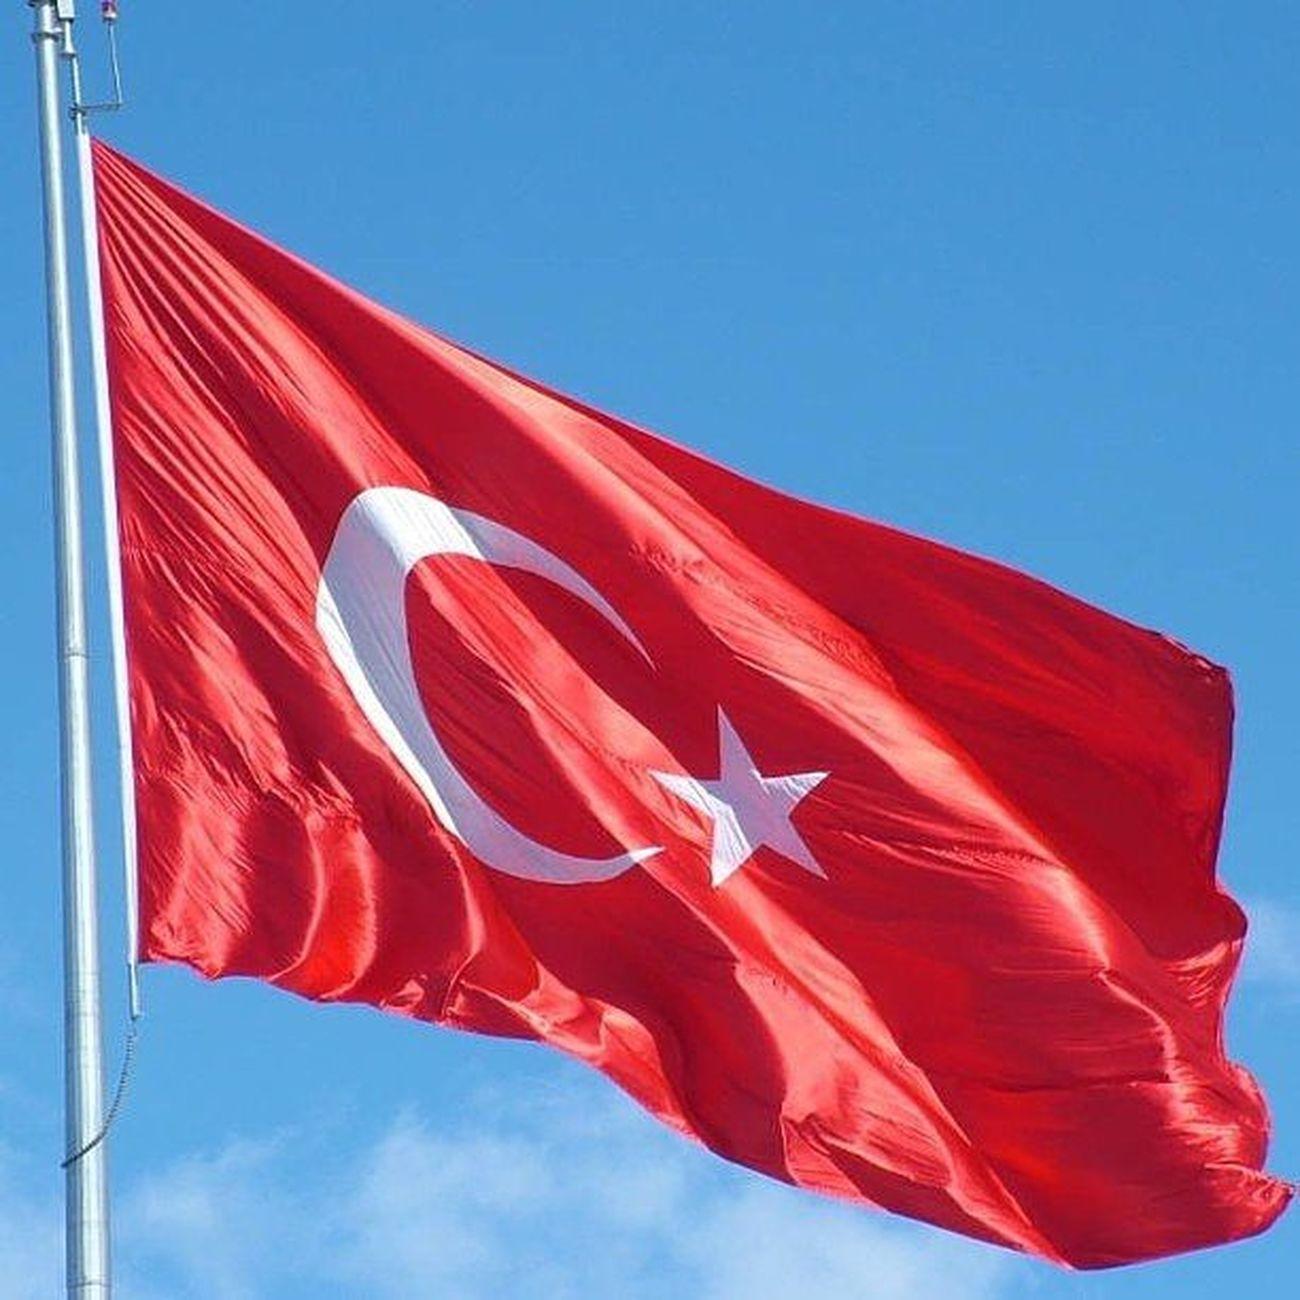 Basın Sagolsun Turkiyem Suruçta katliyam yapanları Türkiye ve ülkem Azərbaycan adından lanetliyorum zalimler için yaşasın cehennem